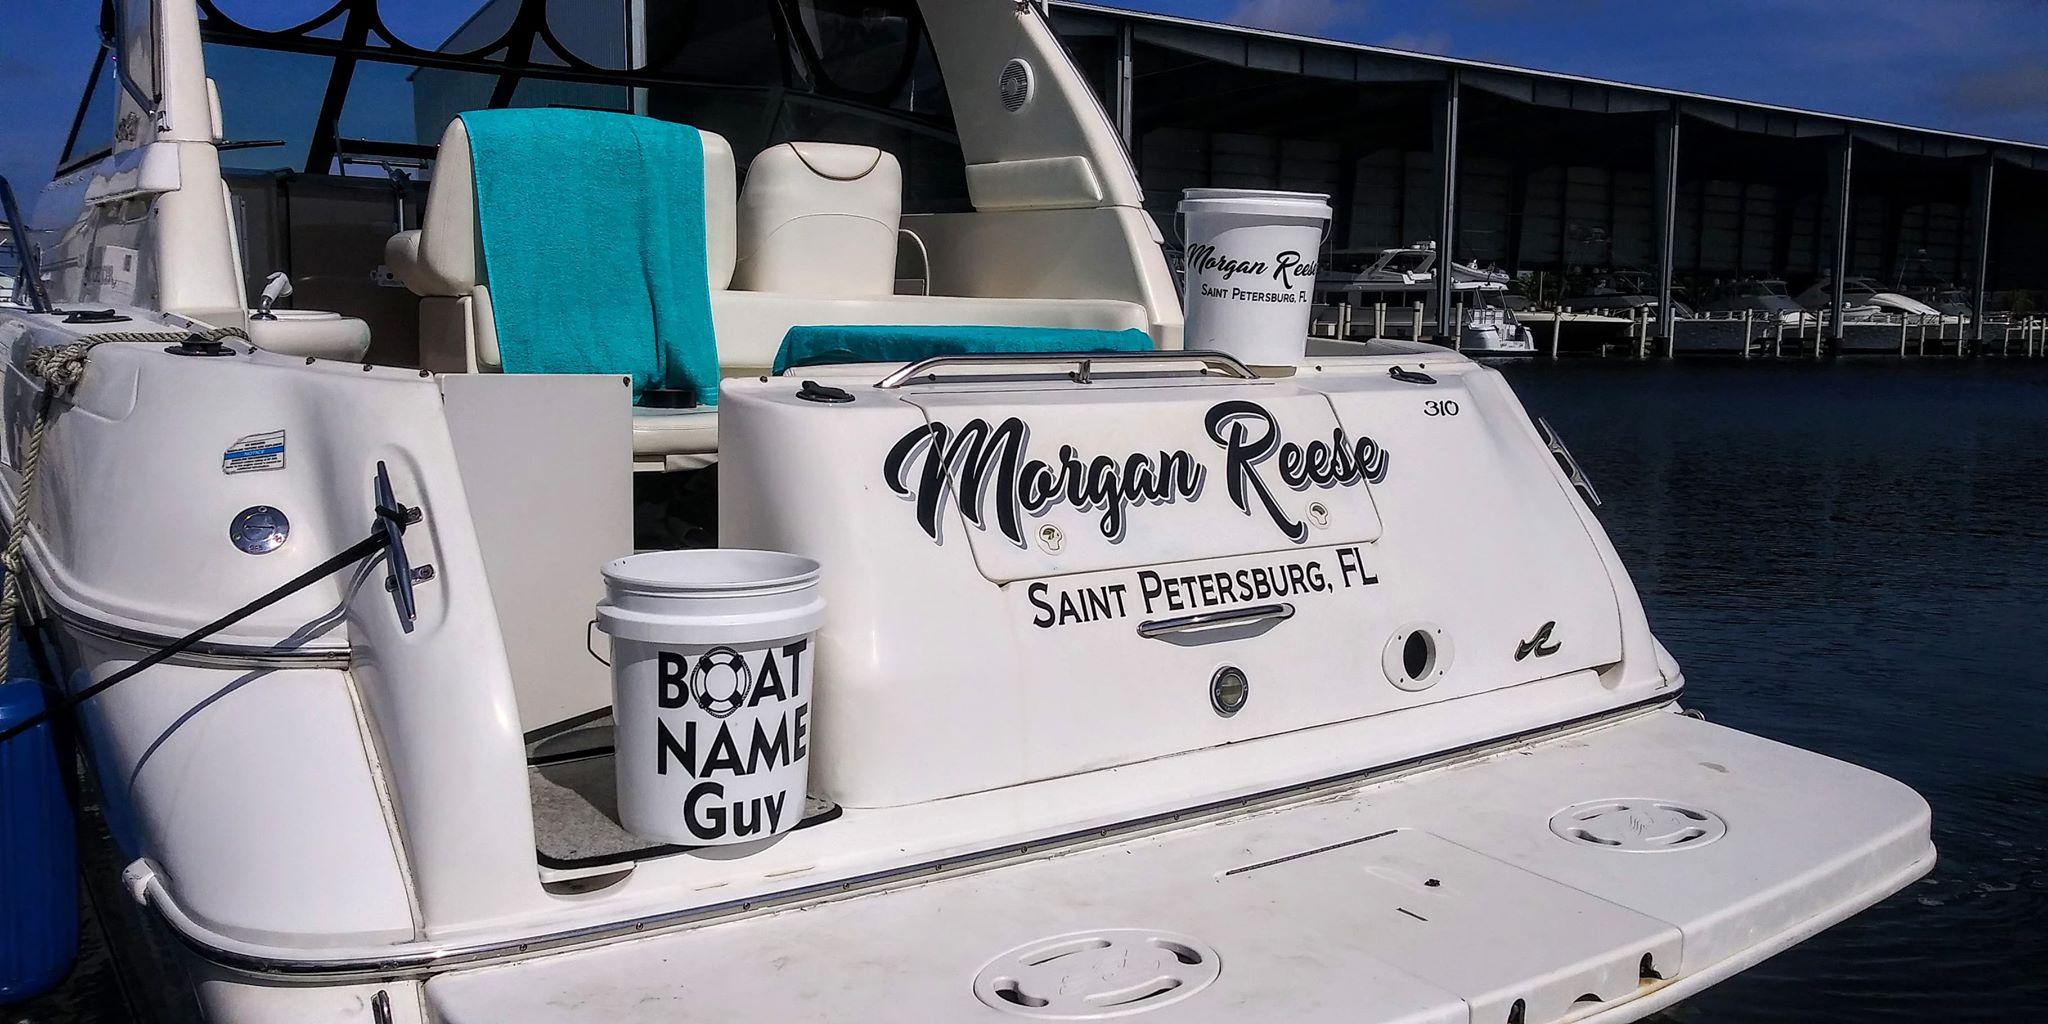 Morgan Reese Boat Name